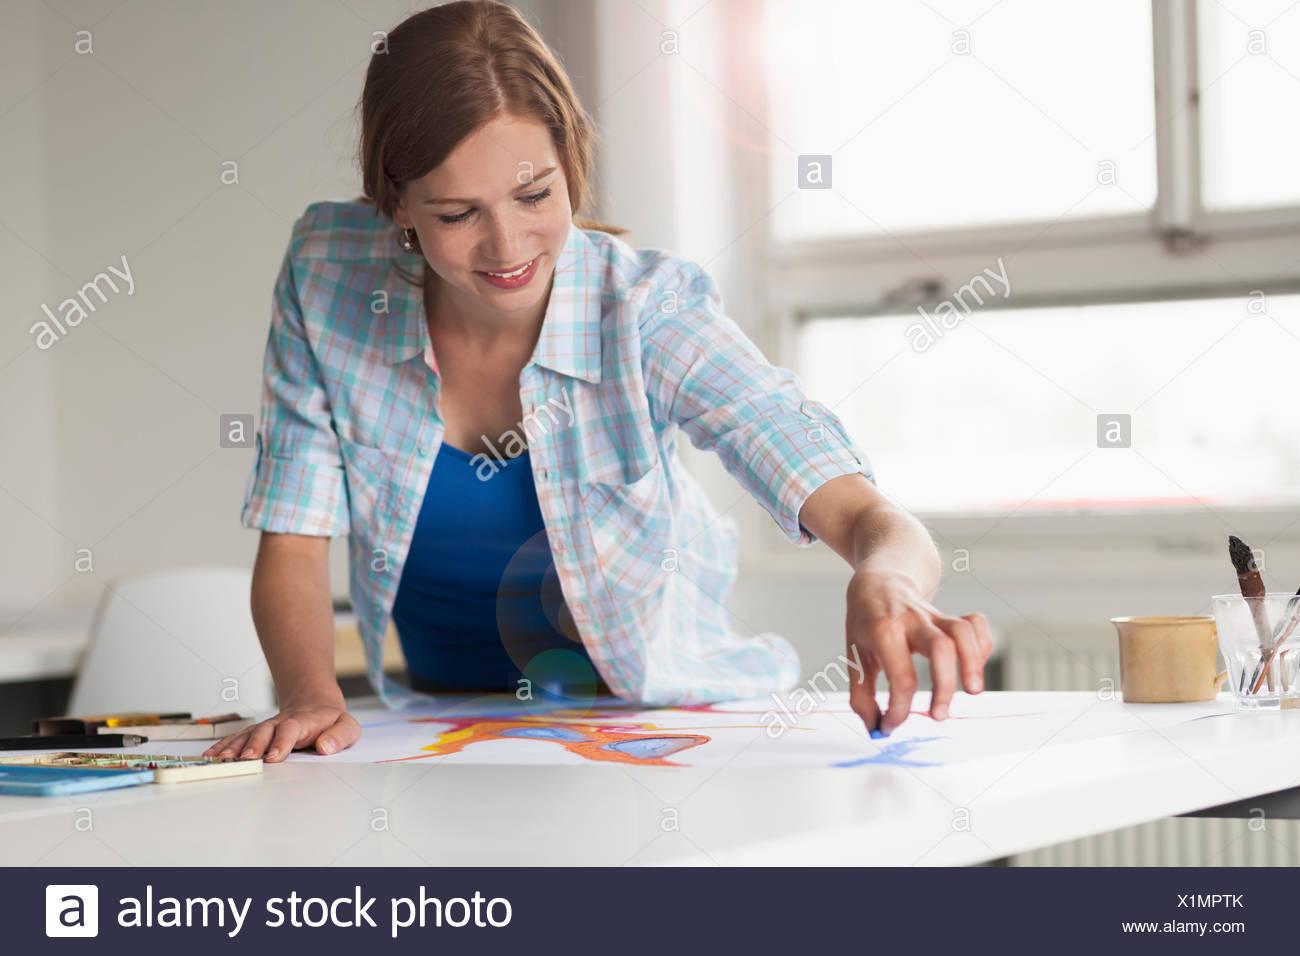 Dessin de l'artiste féminine Photo Stock